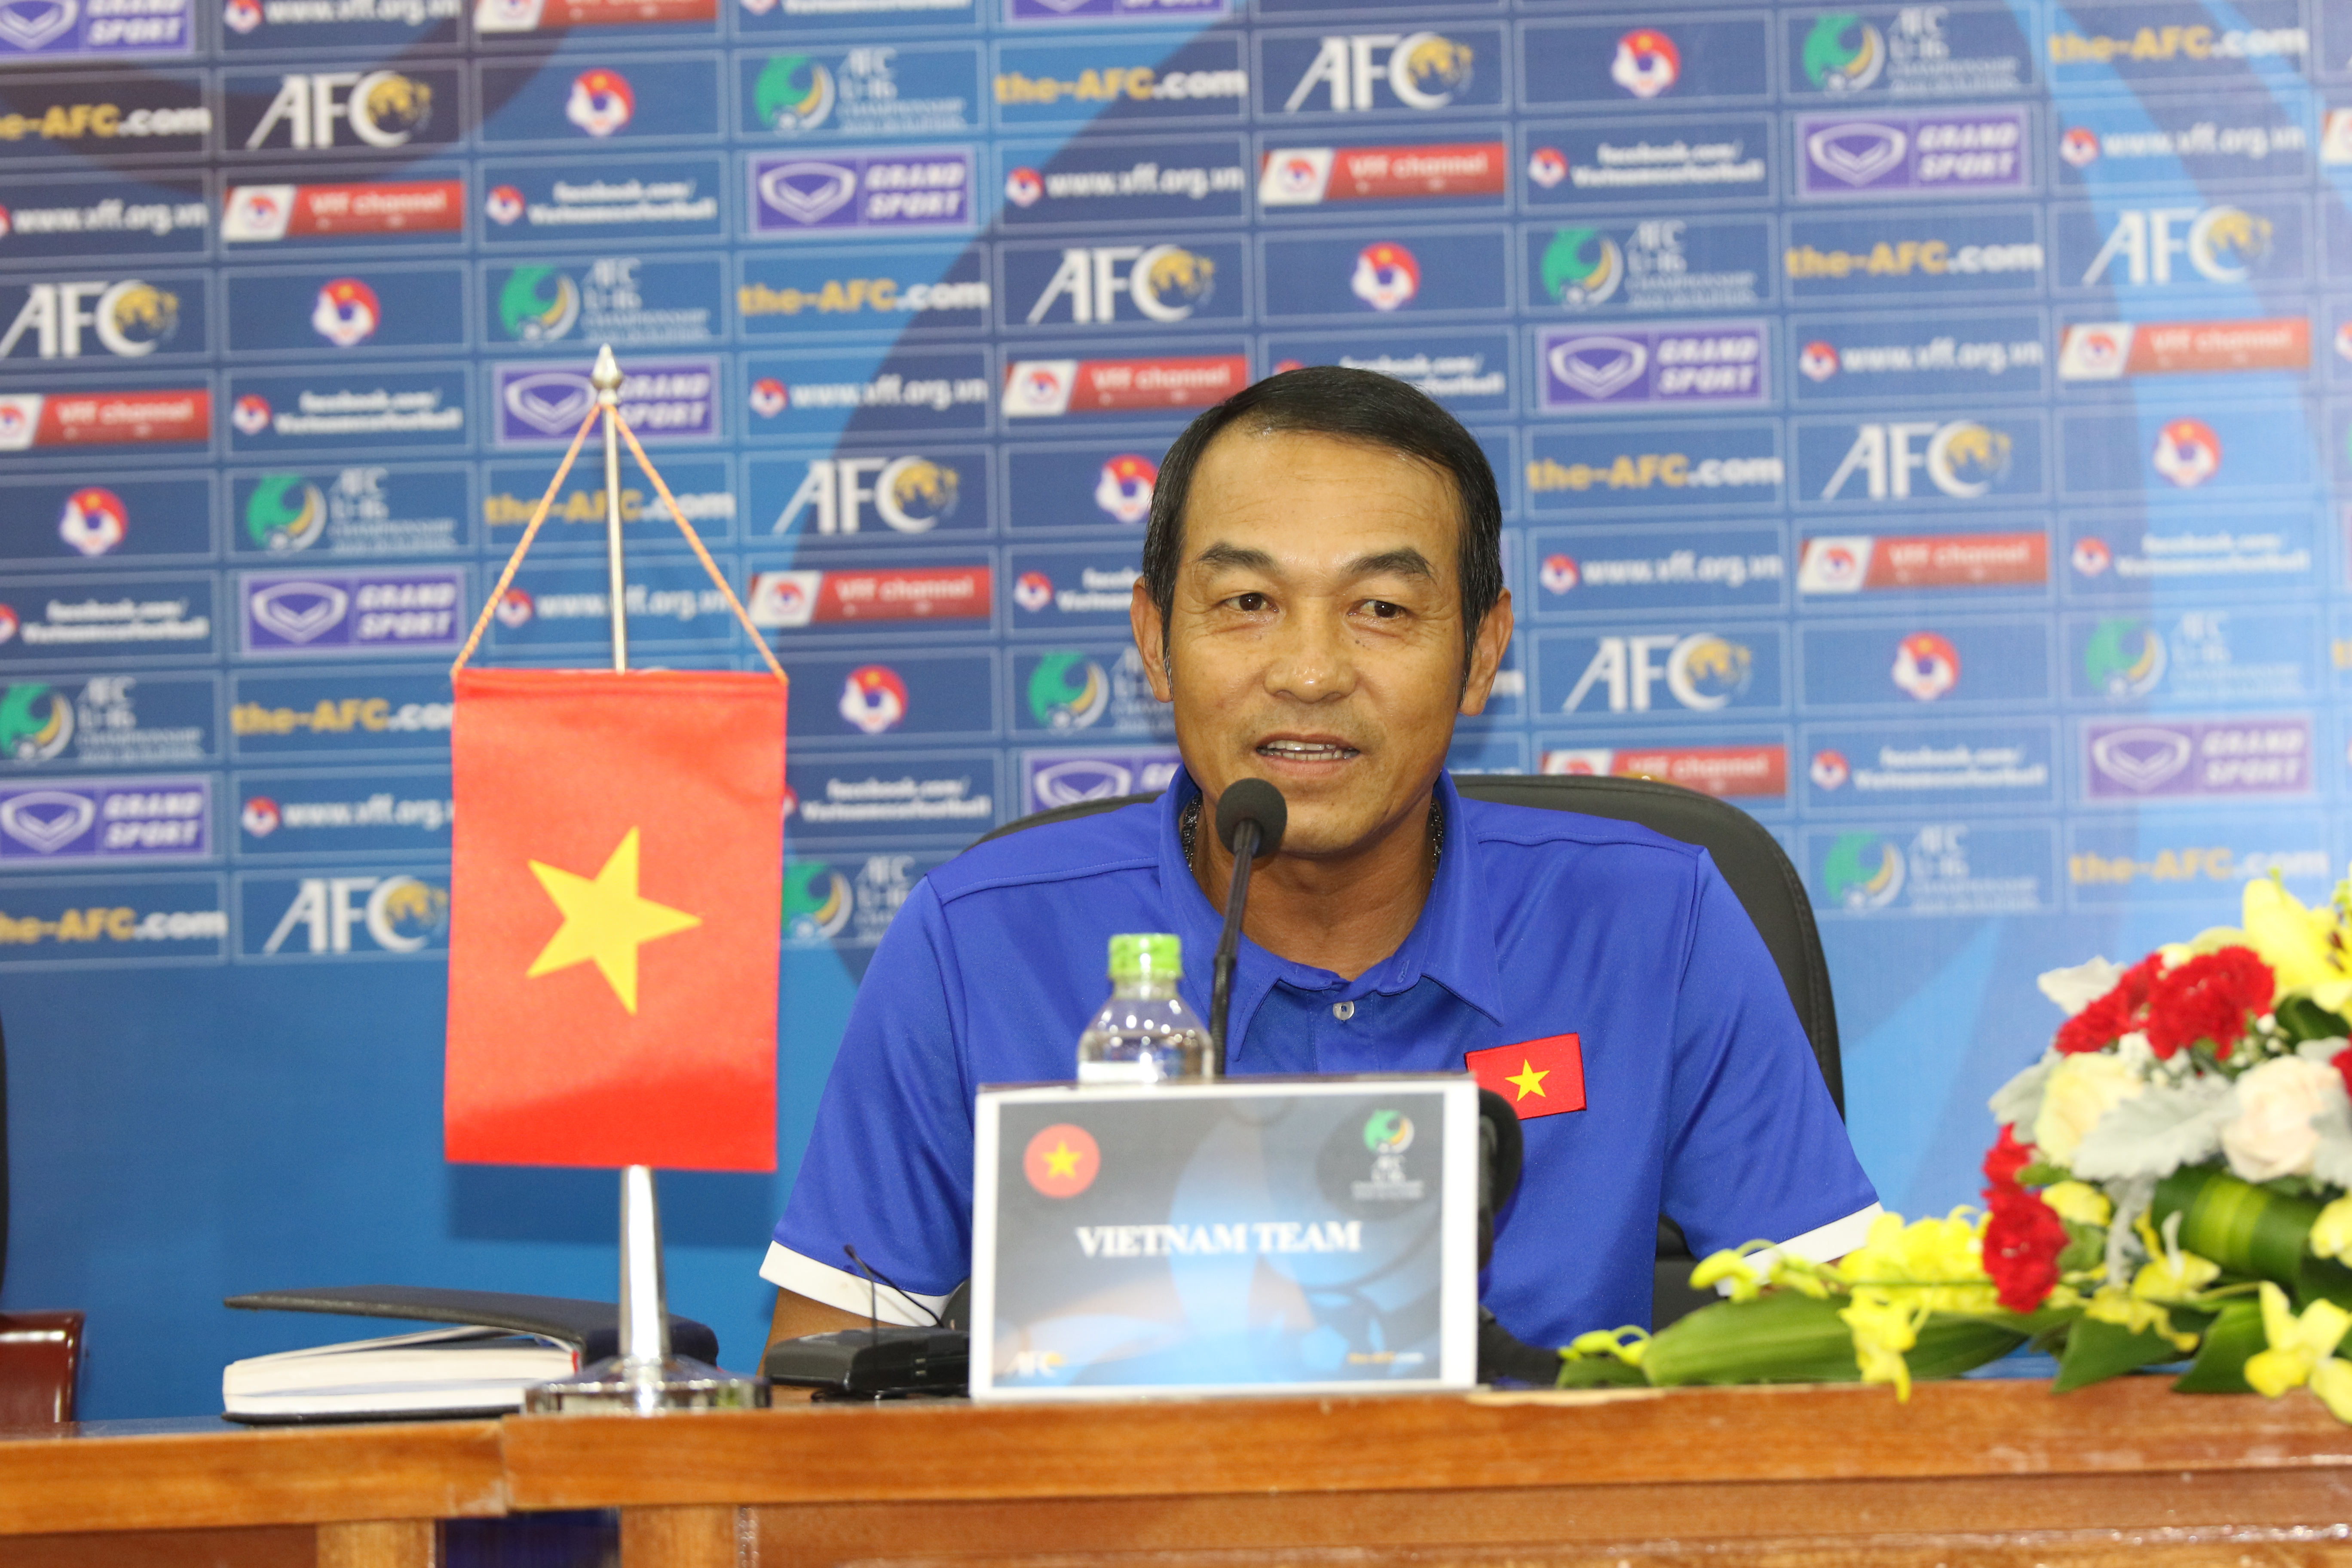 U16 Việt Nam sẵn sàng giành vé tham sự VCK châu Á 2020 - Bóng Đá